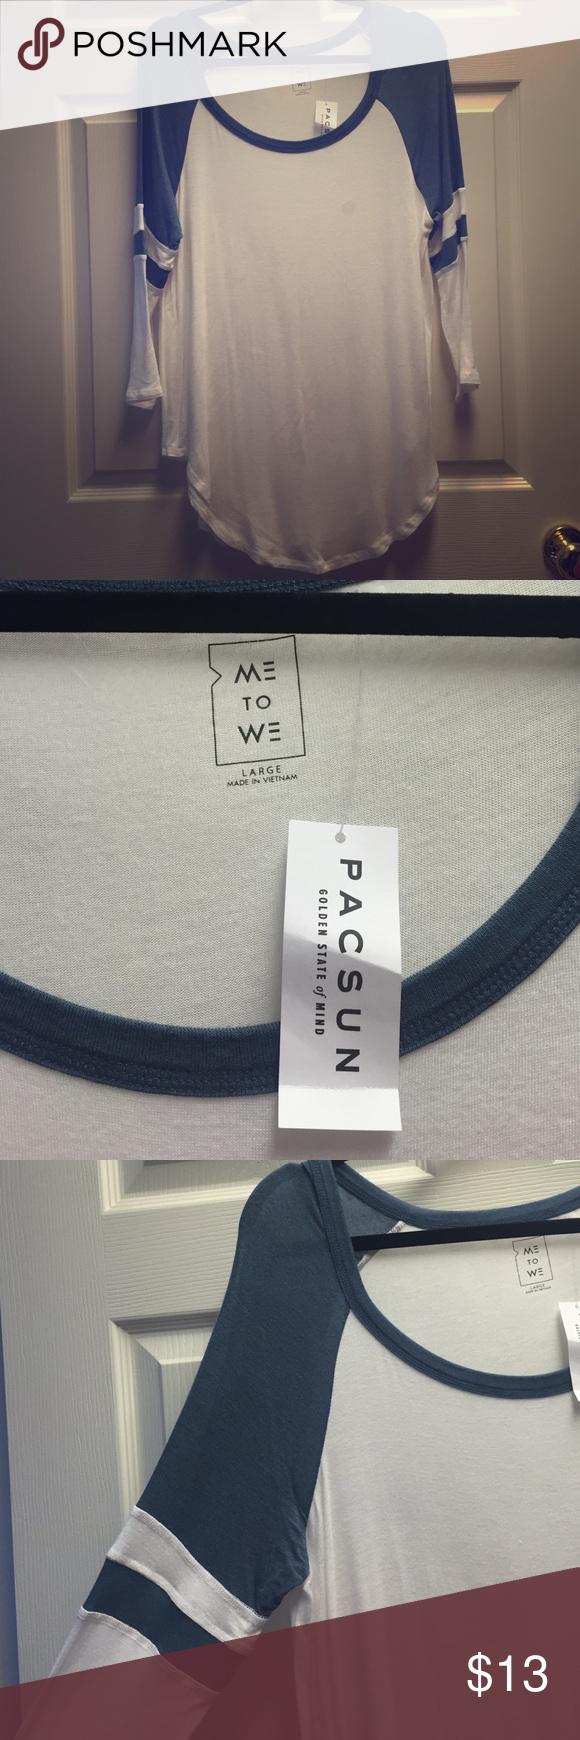 Quarter Sleeve Soft T-Shirt Never worn, such a soft shirt! PacSun Tops Tees - Short Sleeve